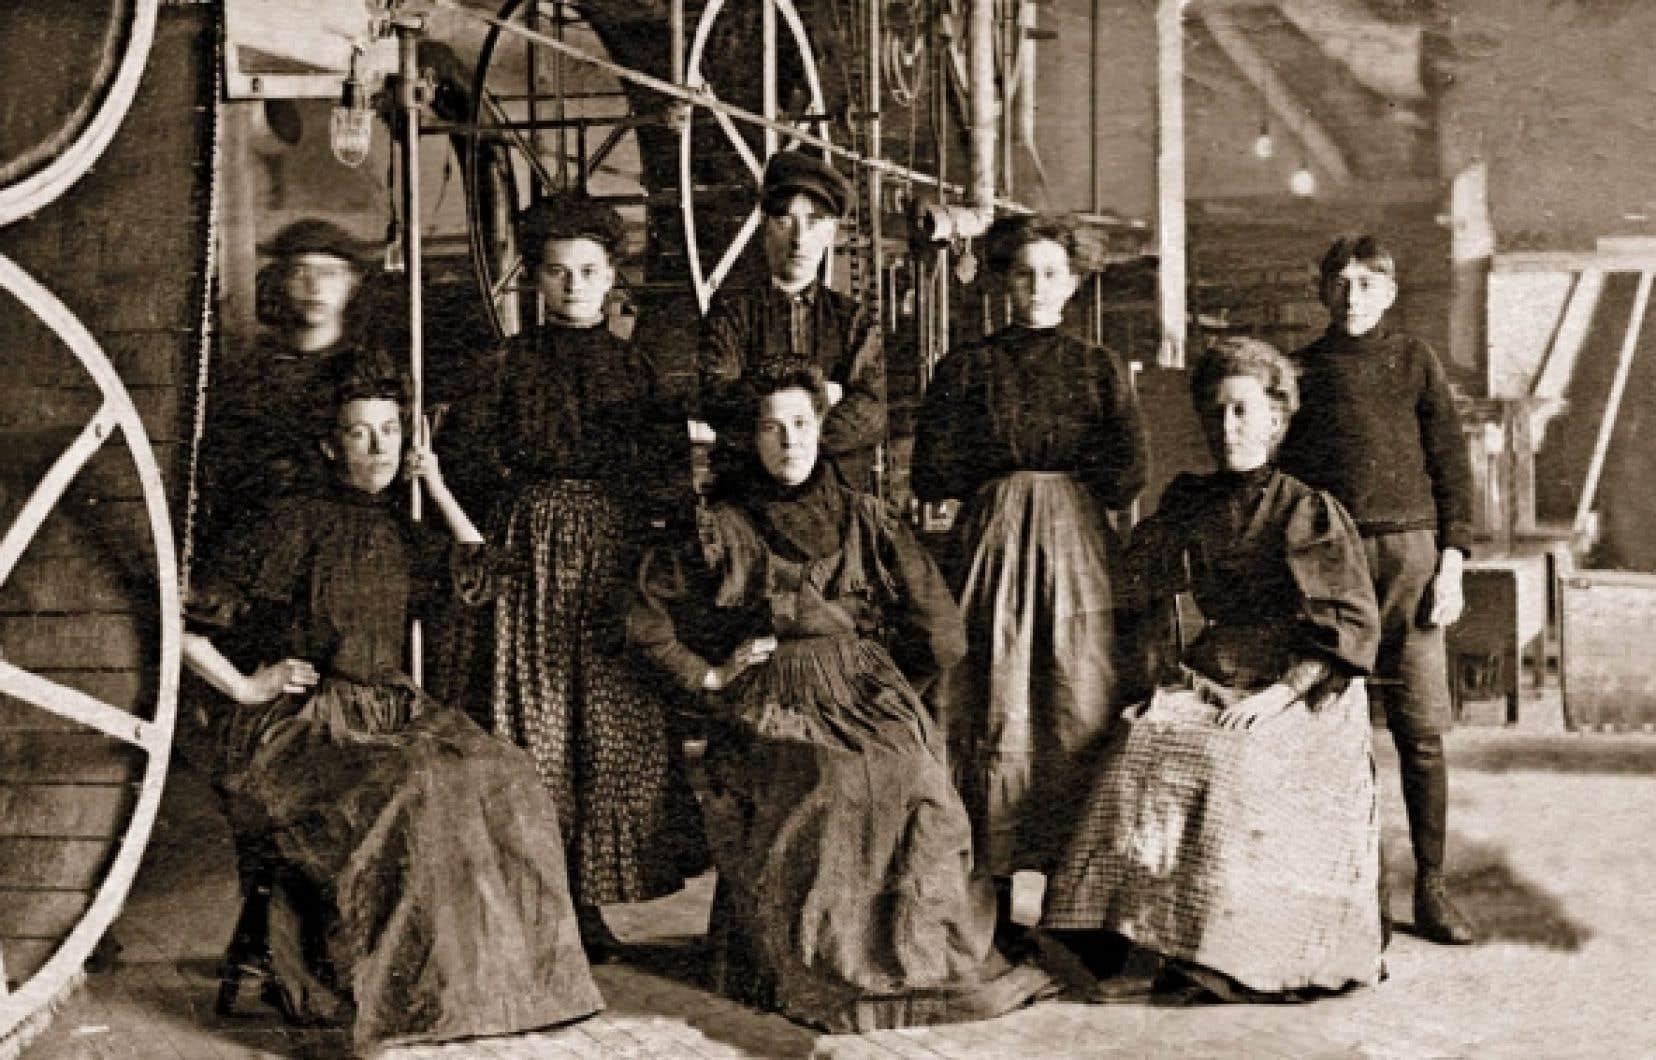 Des allumettières à l'intérieur de l'usine E. B. Eddy, à Hull, vers 1880. On voit à gauche la courroie sur laquelle couraient les allumettes. Les photos dans les fabriques d'allumettes sont rares, car le flash des appareils risquait de provoquer des incendies.<br />